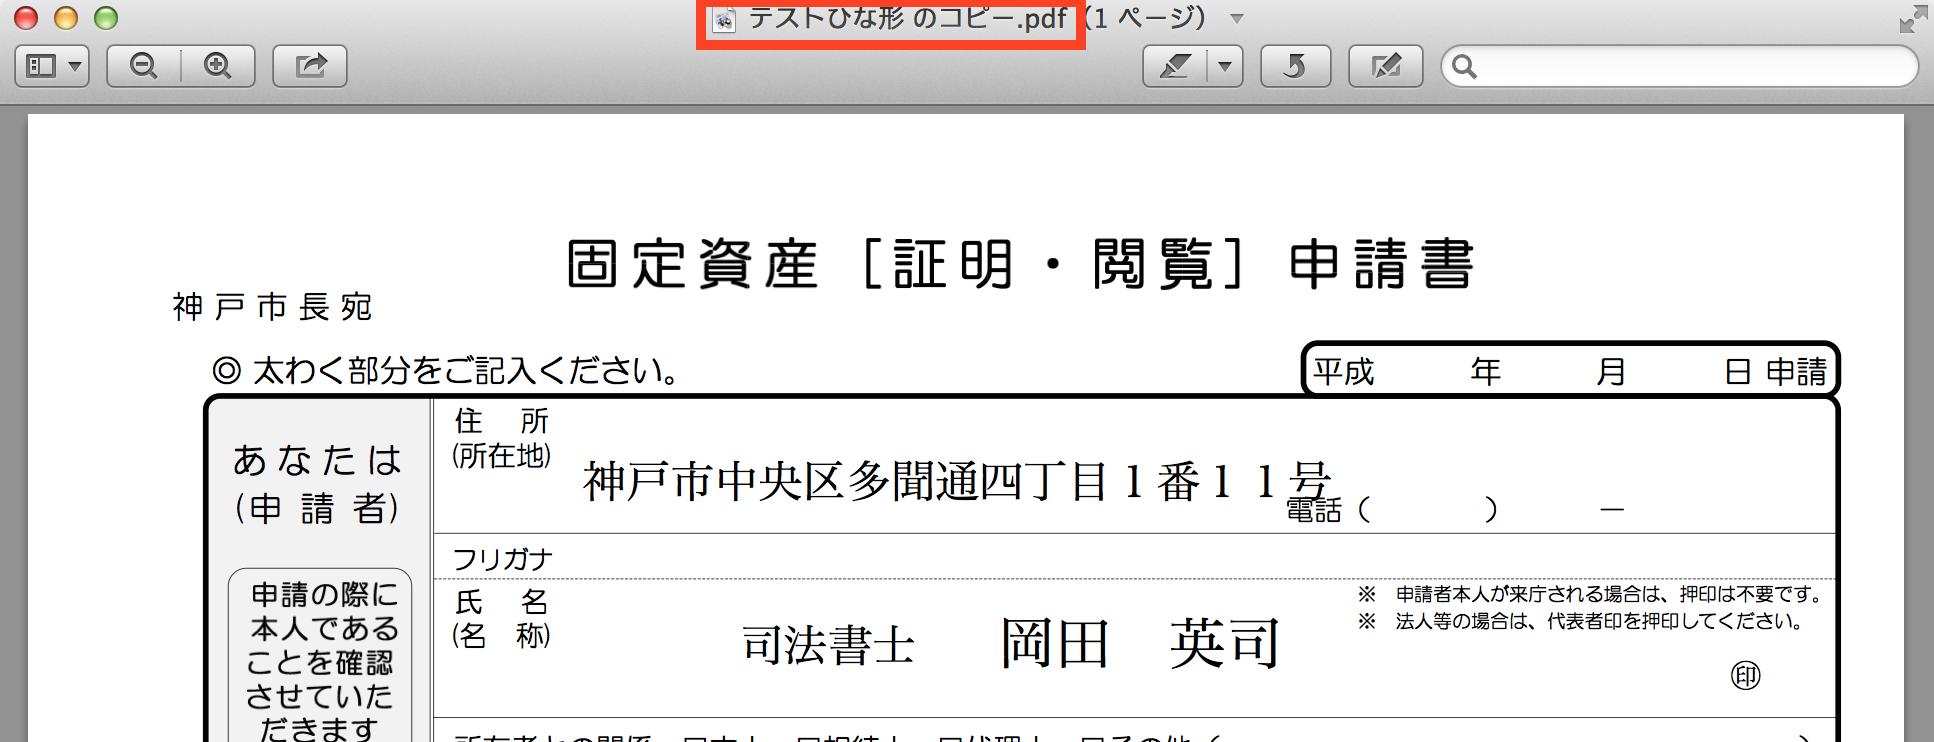 スクリーンショット 2014-09-04 19.29.54